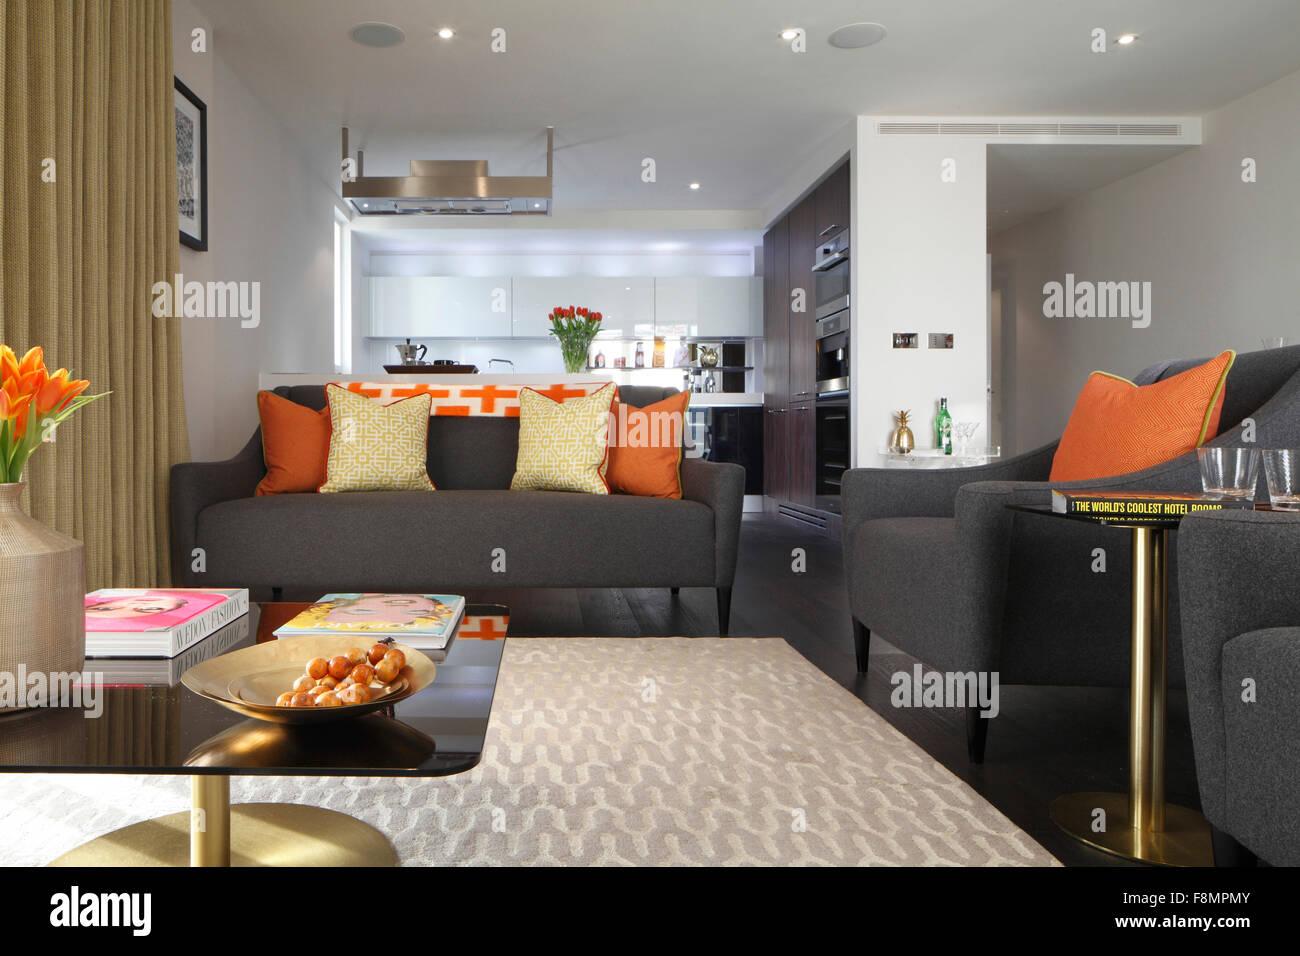 Wohnzimmer In Einem Privathaus. Moderne Innenarchitektur. Grau Liegen Mit  Orange Kissen.